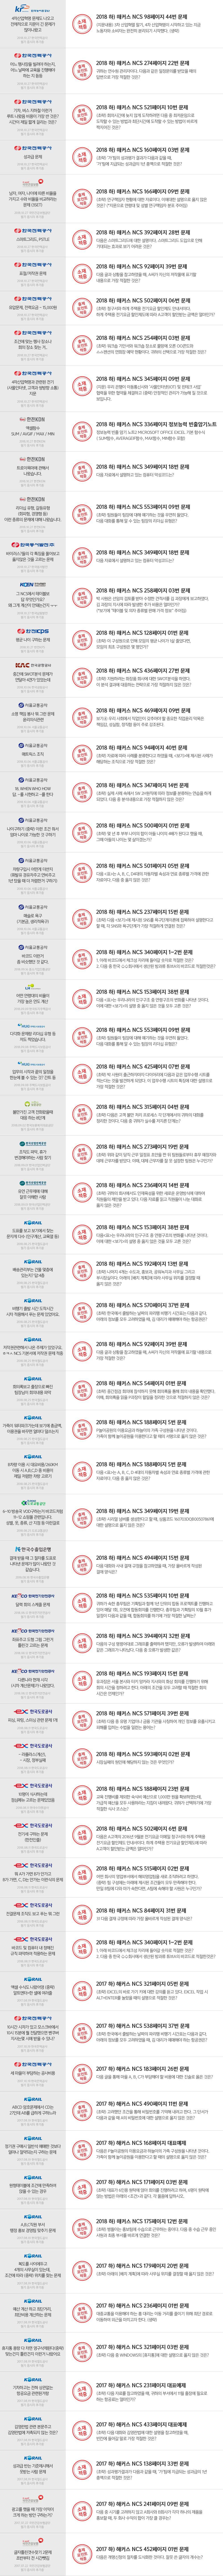 2017 NCS 적중내용